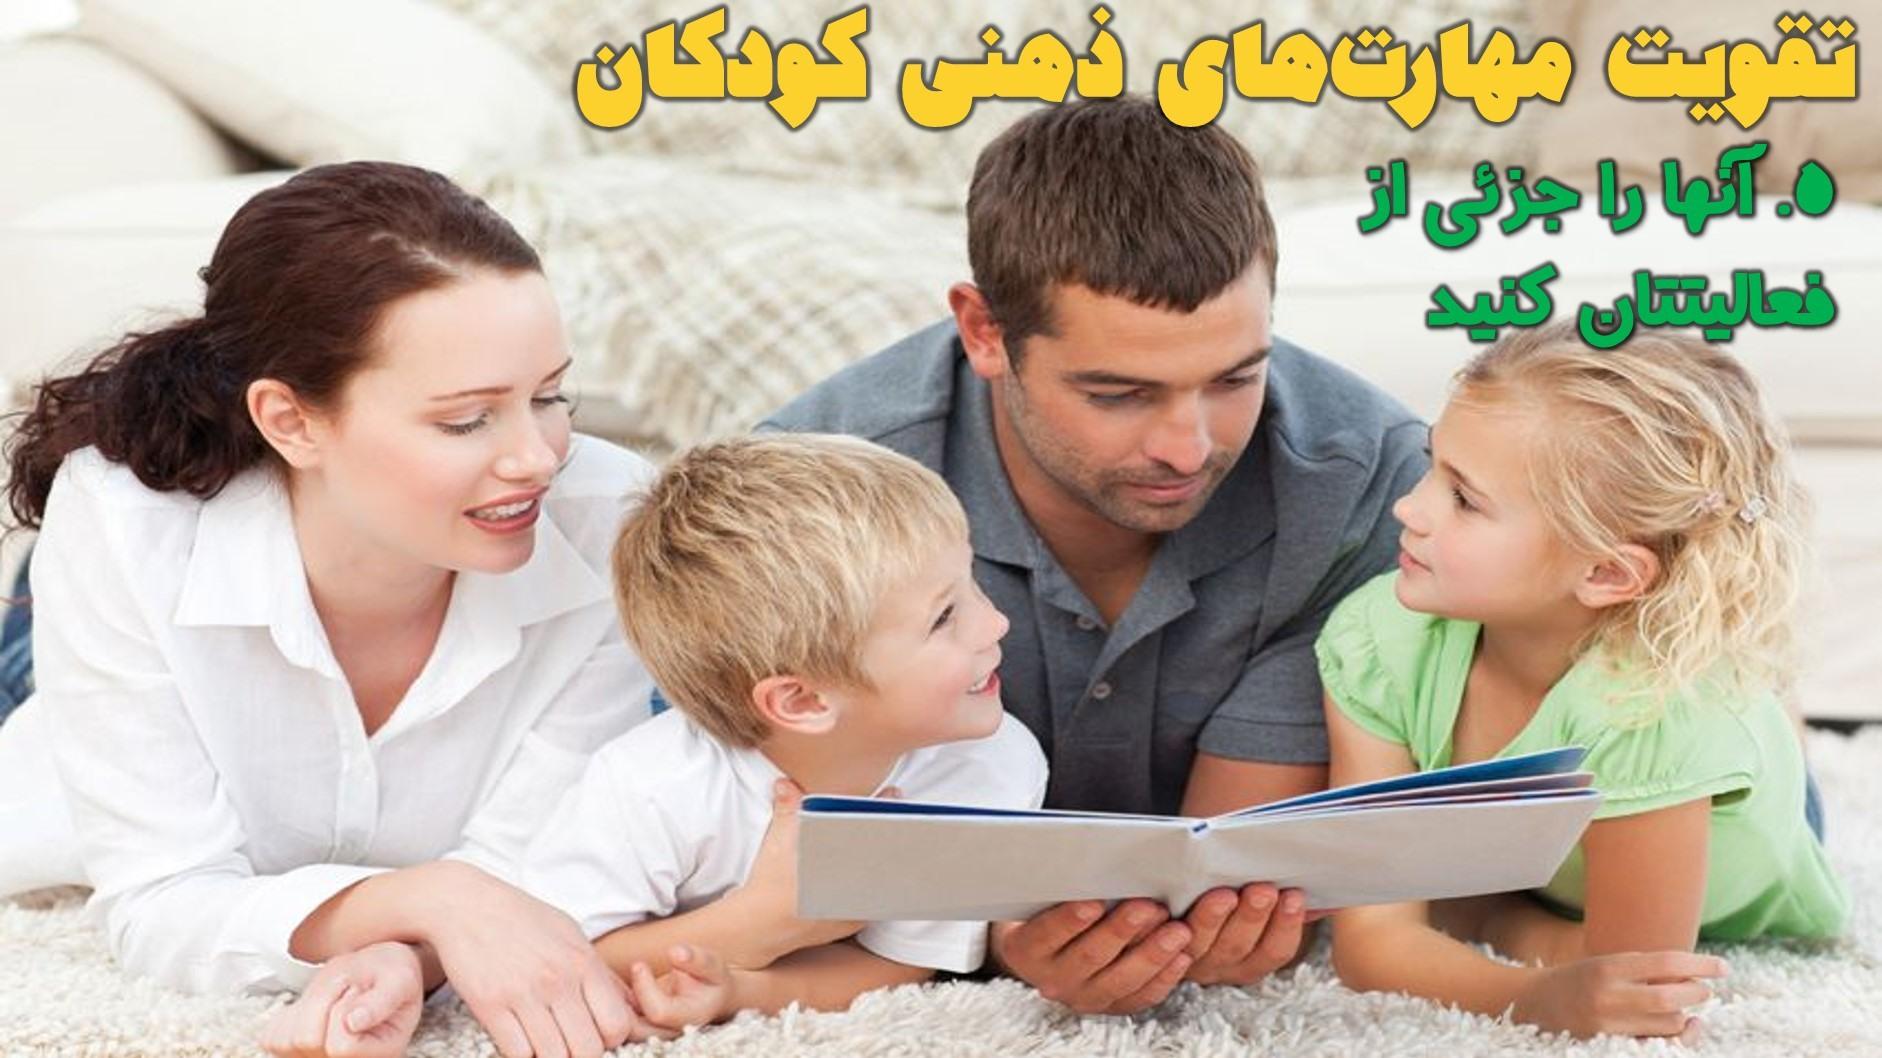 مطالعه خانوادگی برای تقویت ذهن کوذکان